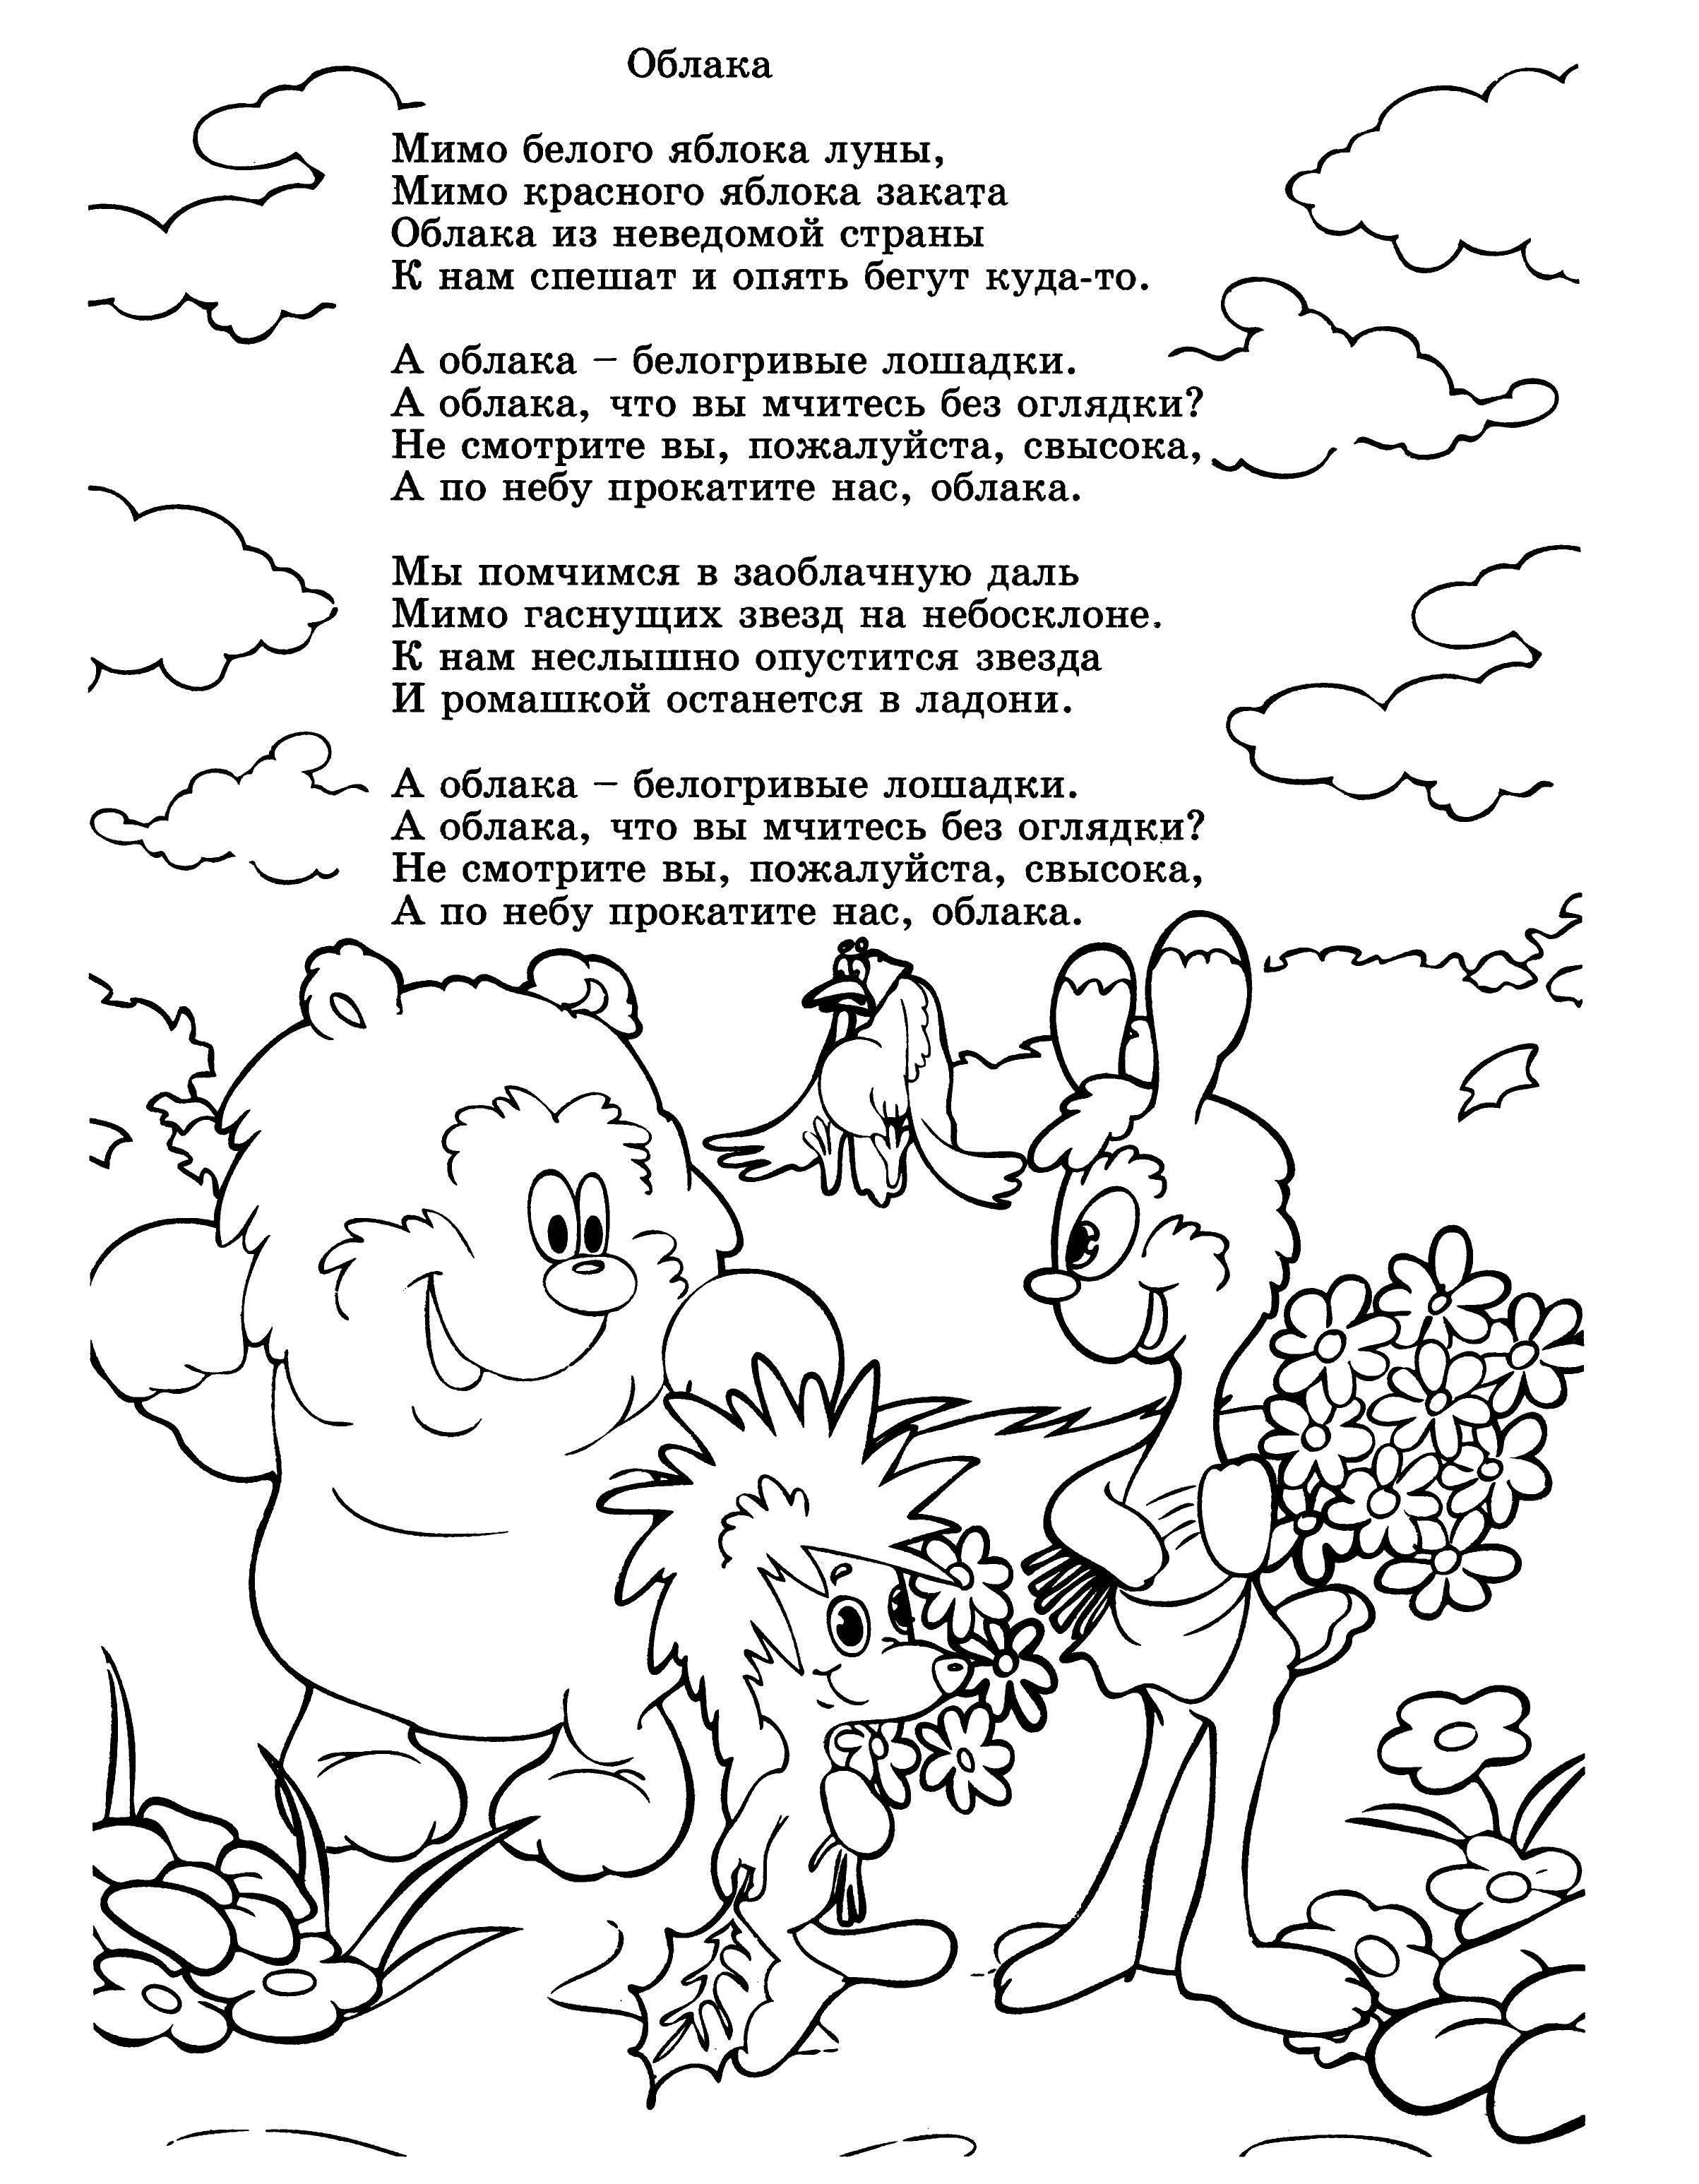 Раскраска Стихи Скачать Персонаж из мультфильма, Кунг Фу Панда.  Распечатать ,Персонаж из мультфильма,